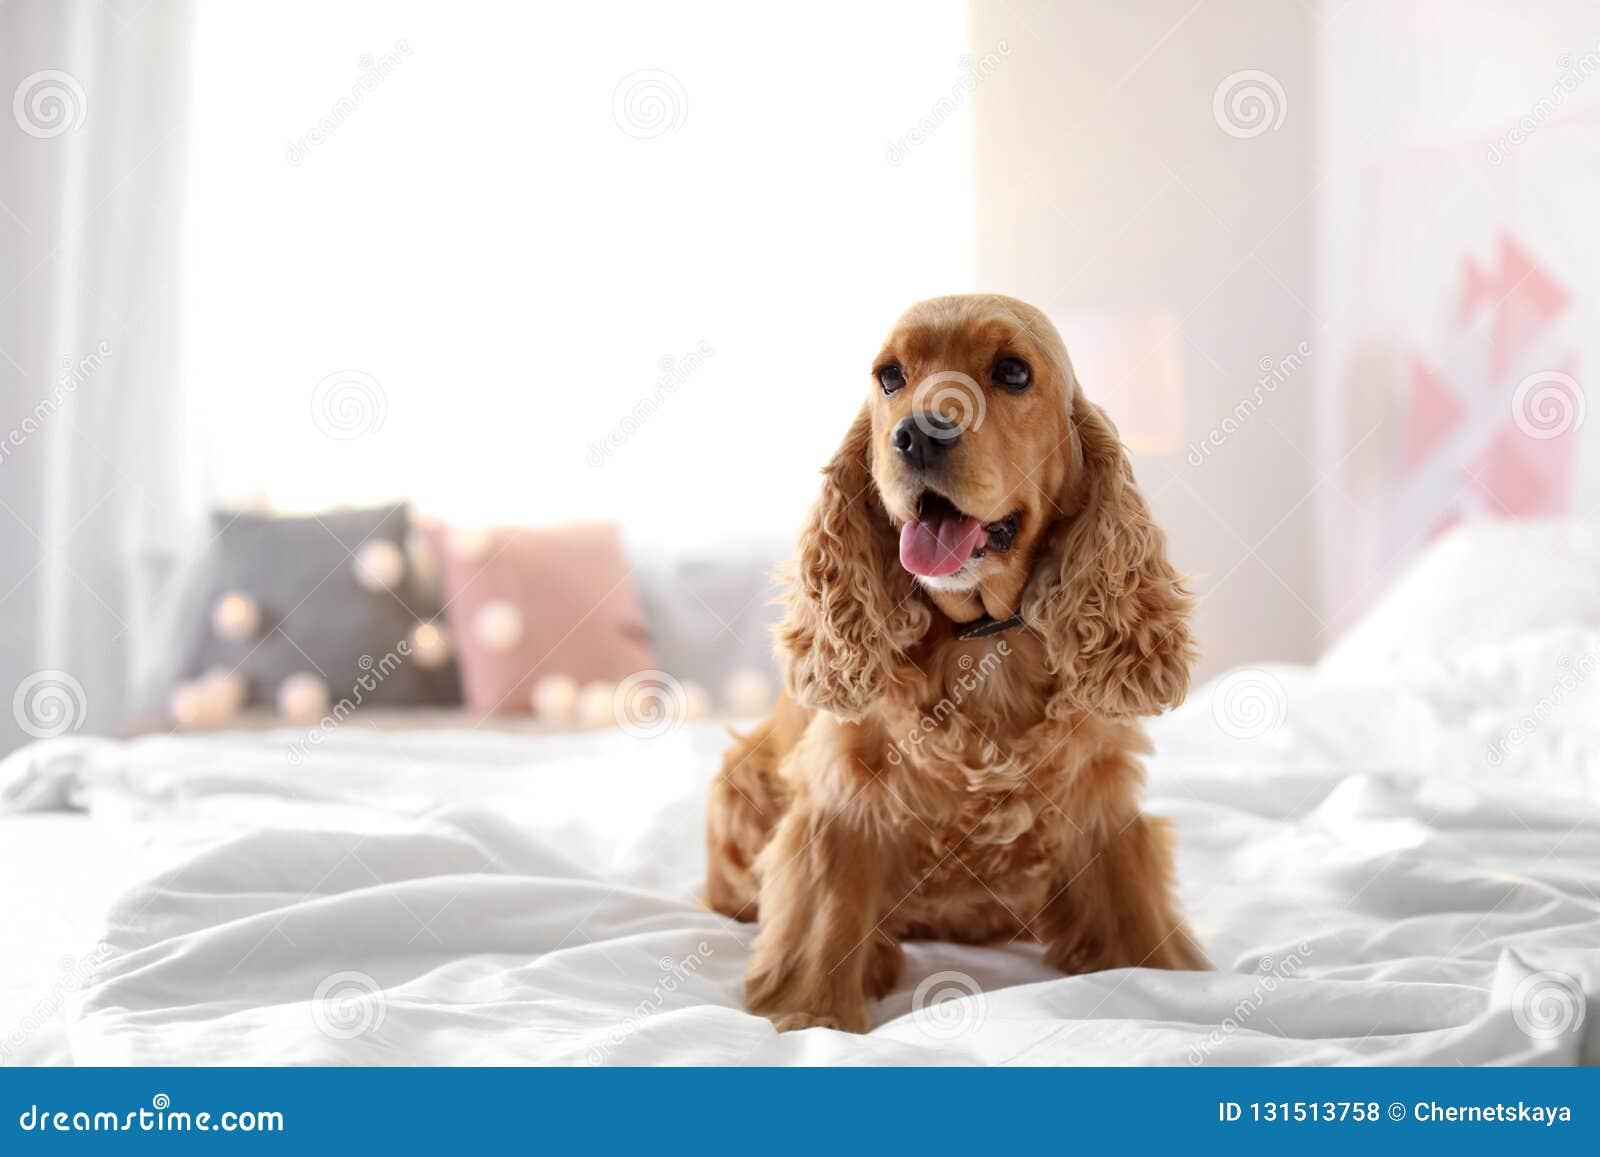 fd403601fd74 Χαριτωμένο σκυλί σπανιέλ κόκερ στο κρεβάτι στο σπίτι Στοκ Εικόνες ...